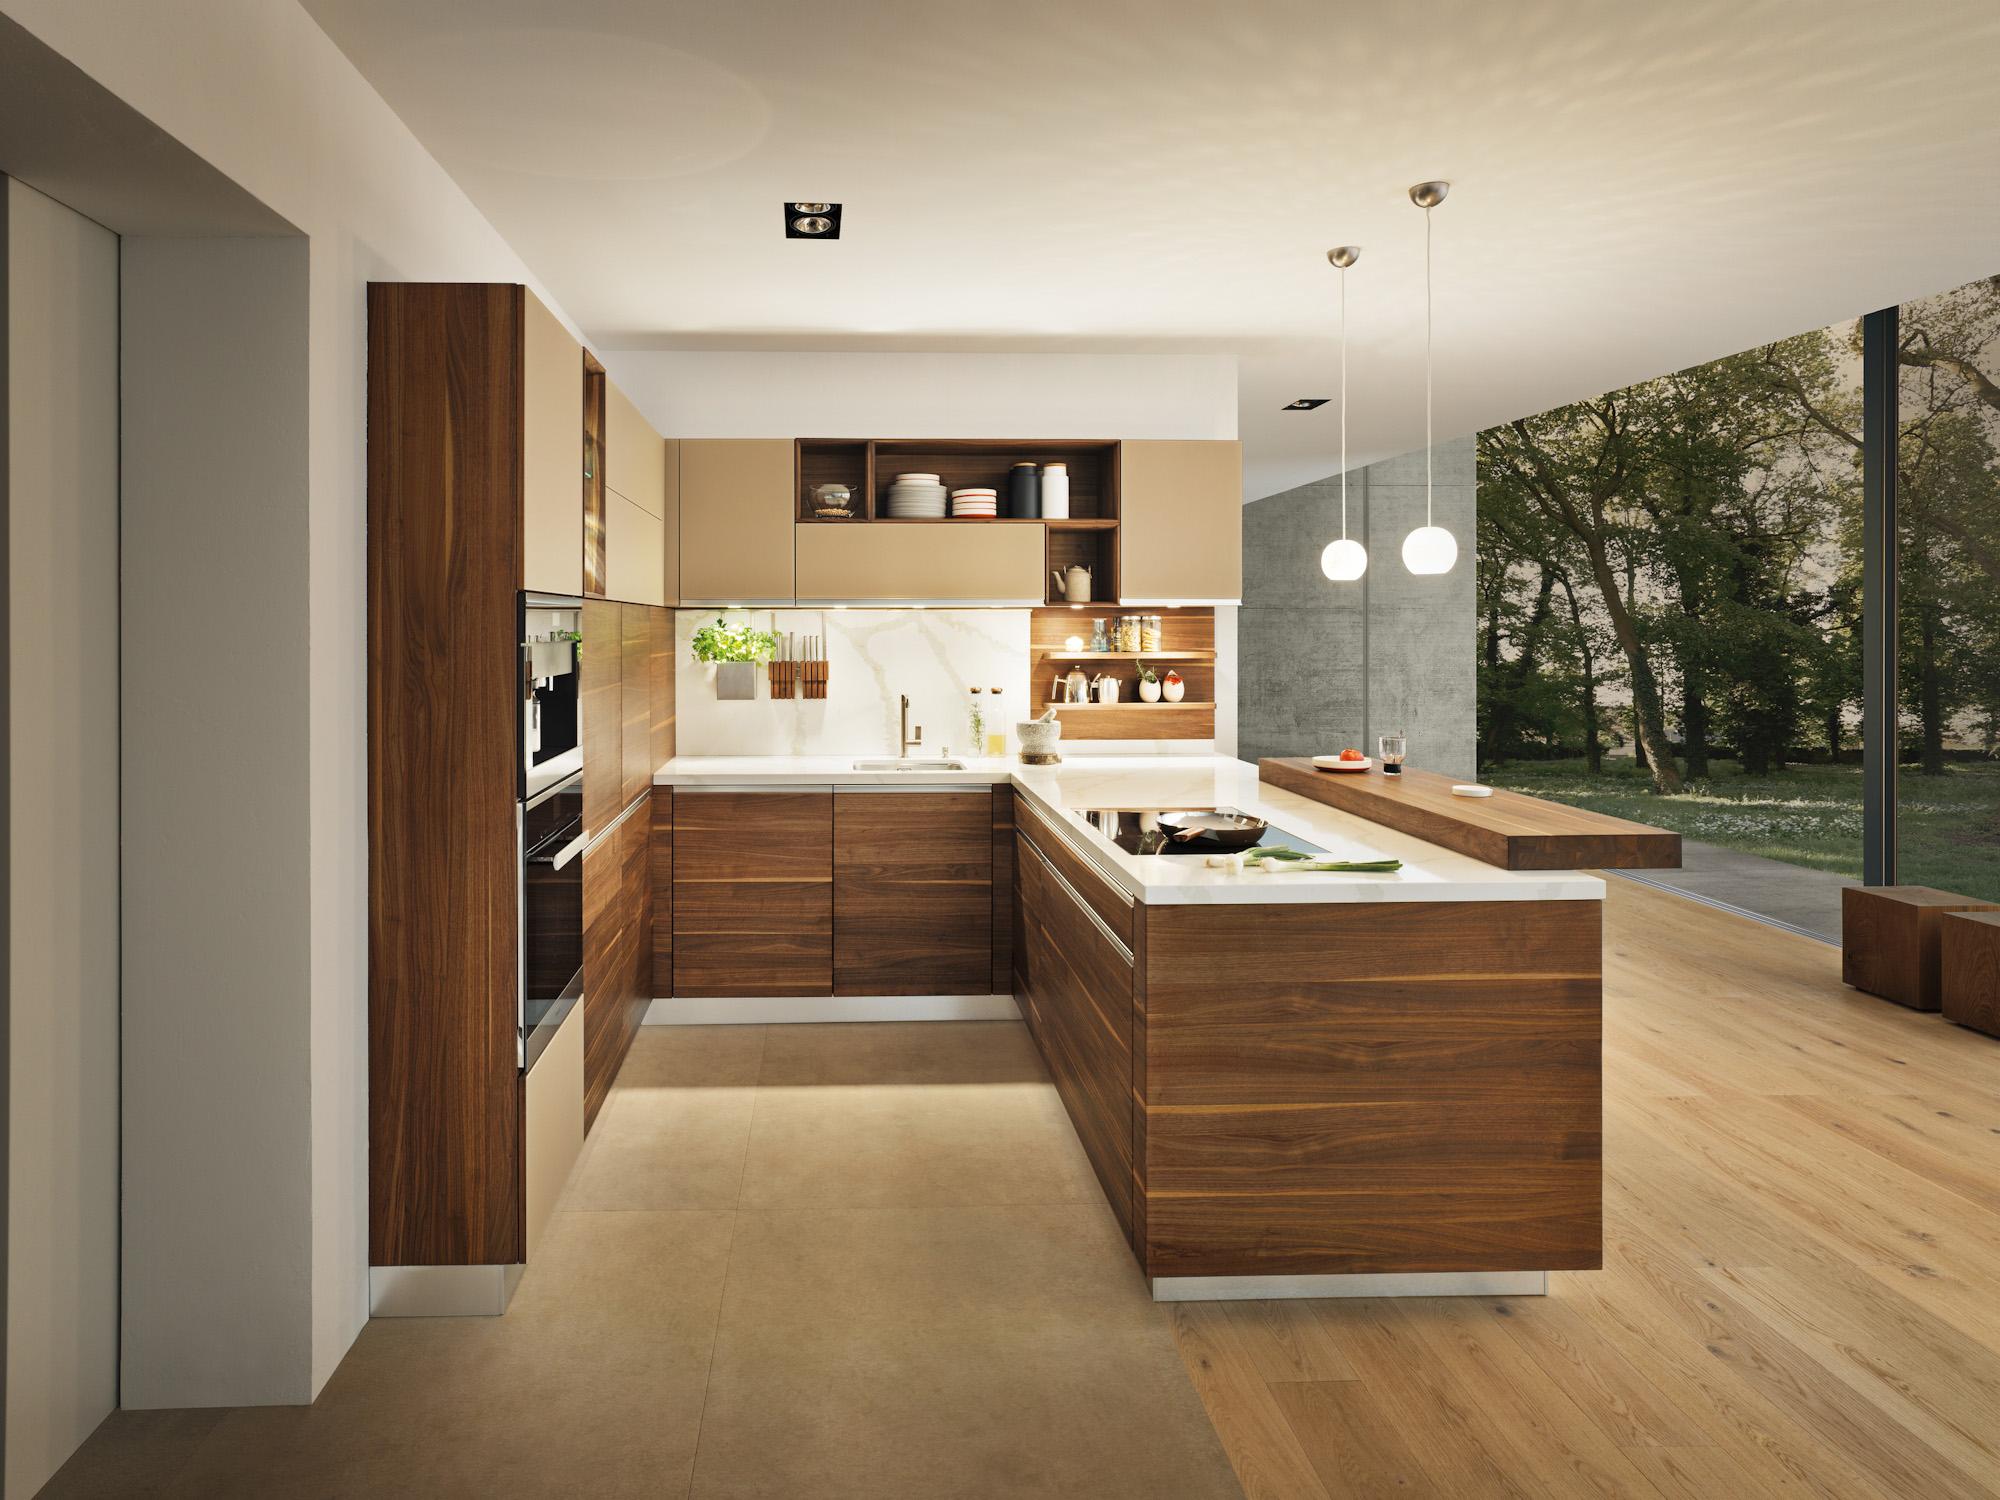 Massivholzküchen, Hochglanzlack, Landhausstil - Möbel Morschett